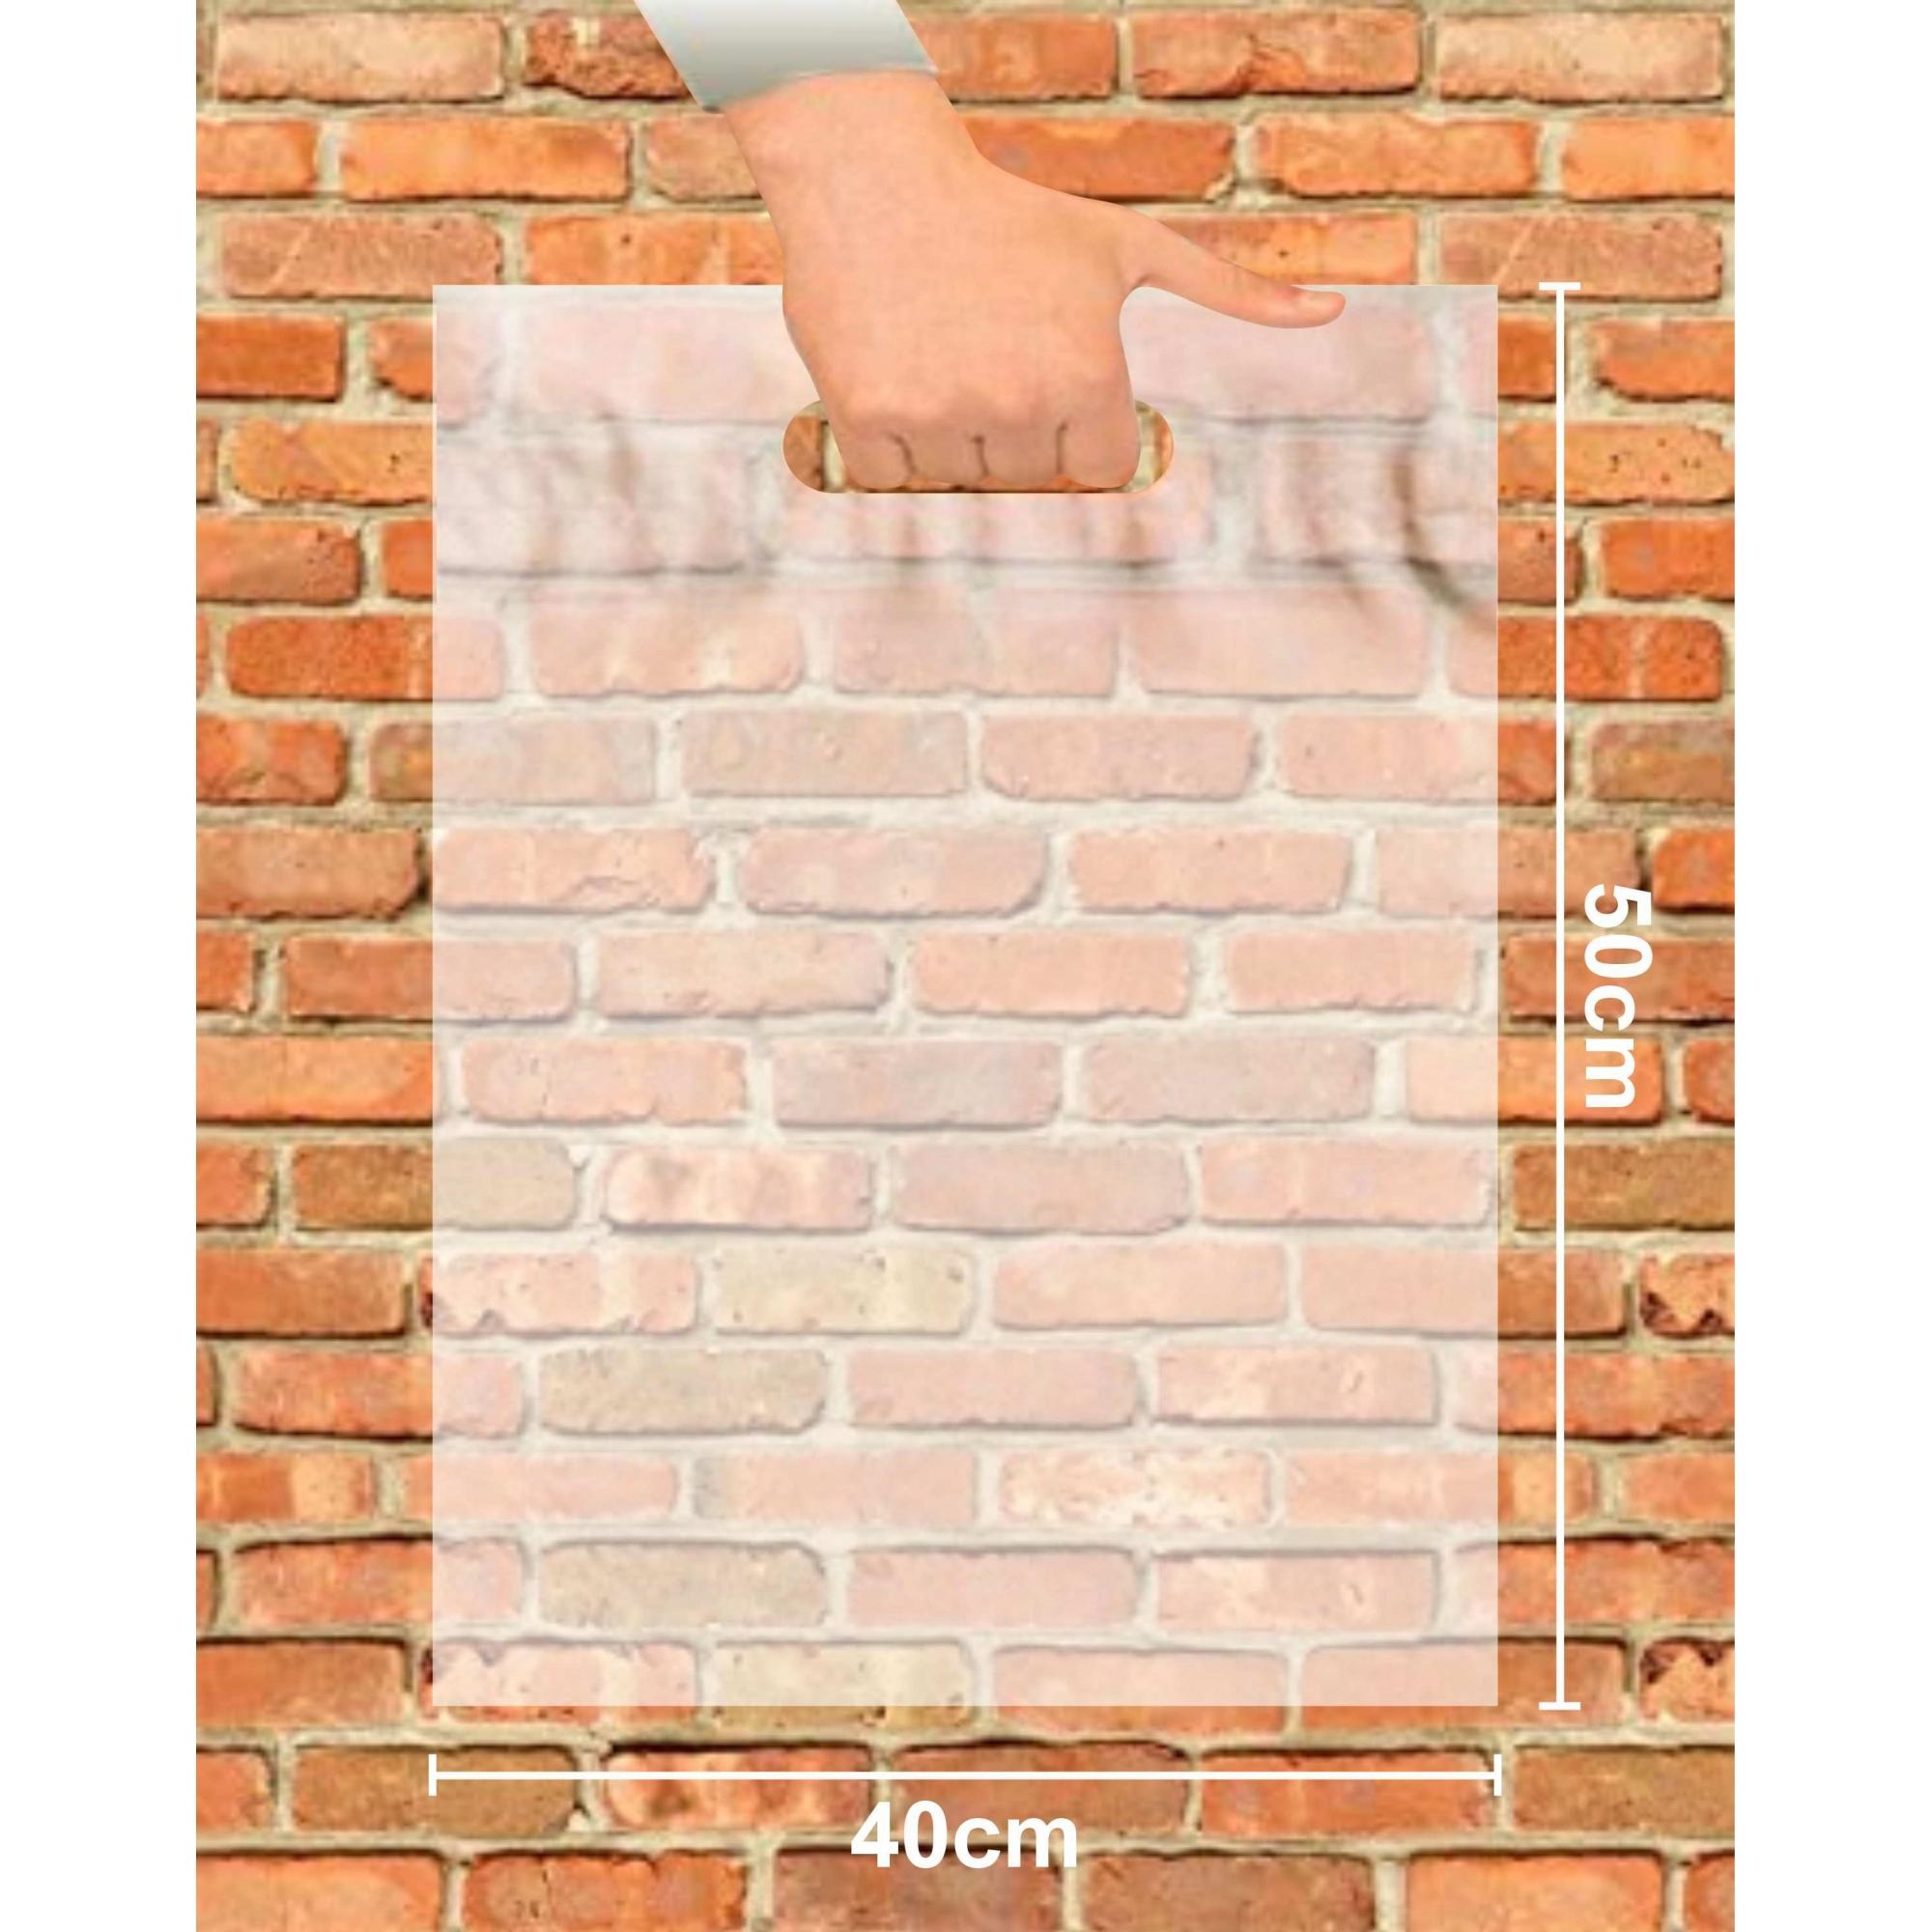 Sacola Plástica 40x50 Transparente Alça Boca de Palhaço 1.000 Unidades